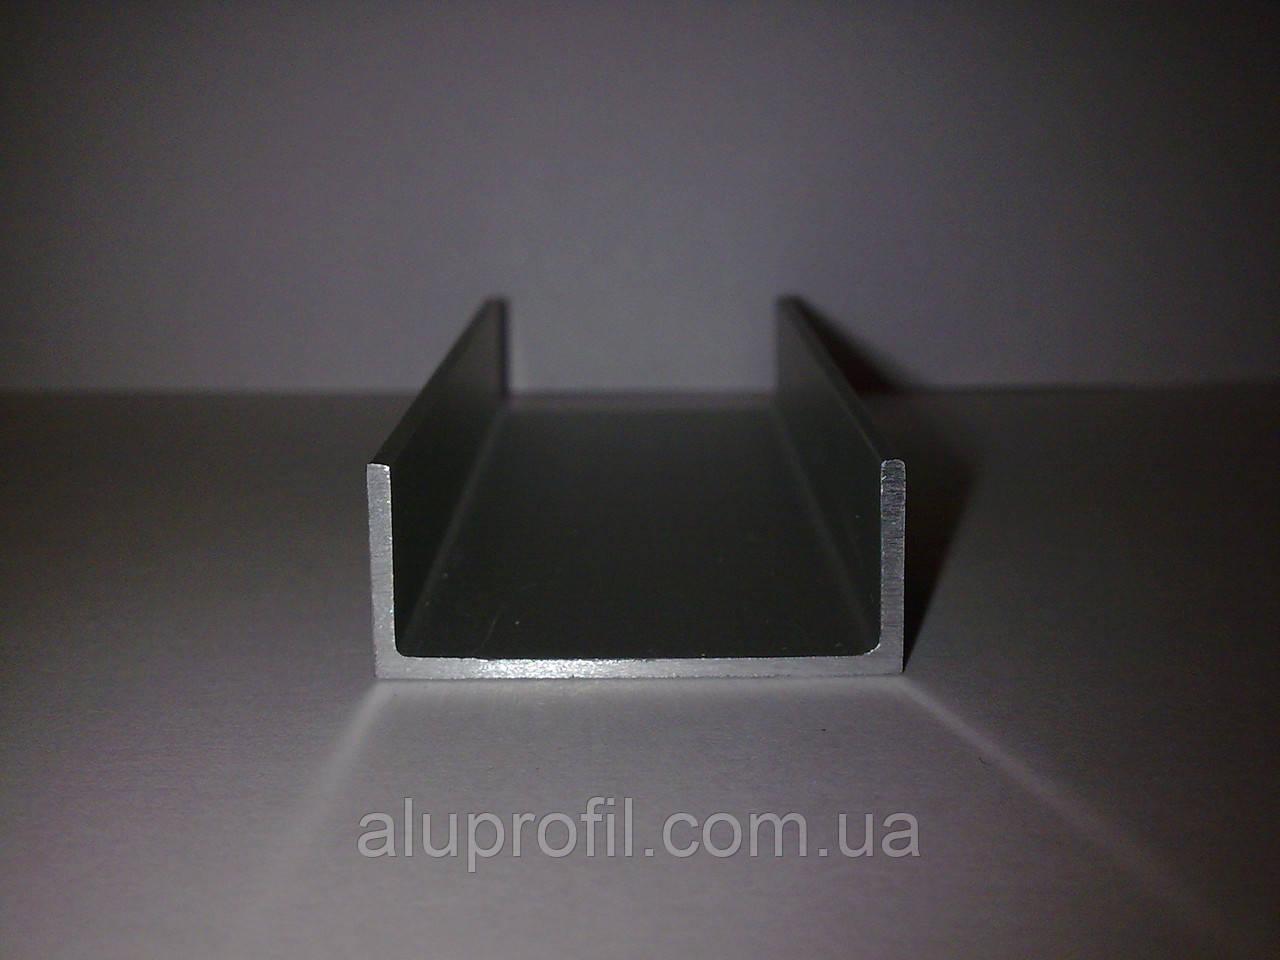 Алюминиевый профиль — п-образный алюминиевый профиль (швеллер) 20х10х2 AS